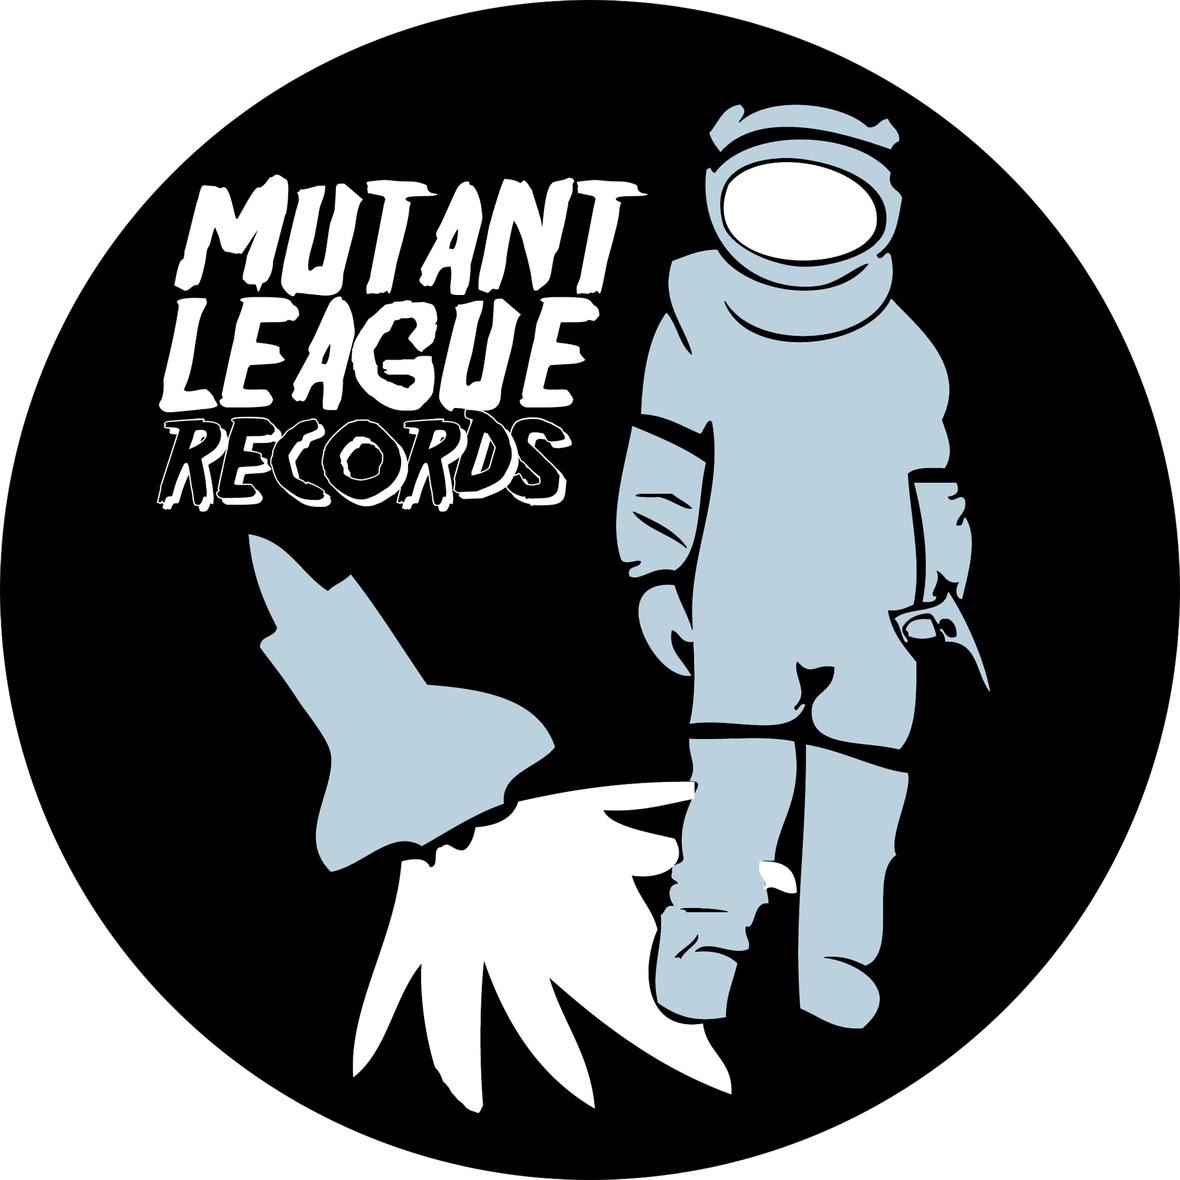 mutant league records logo